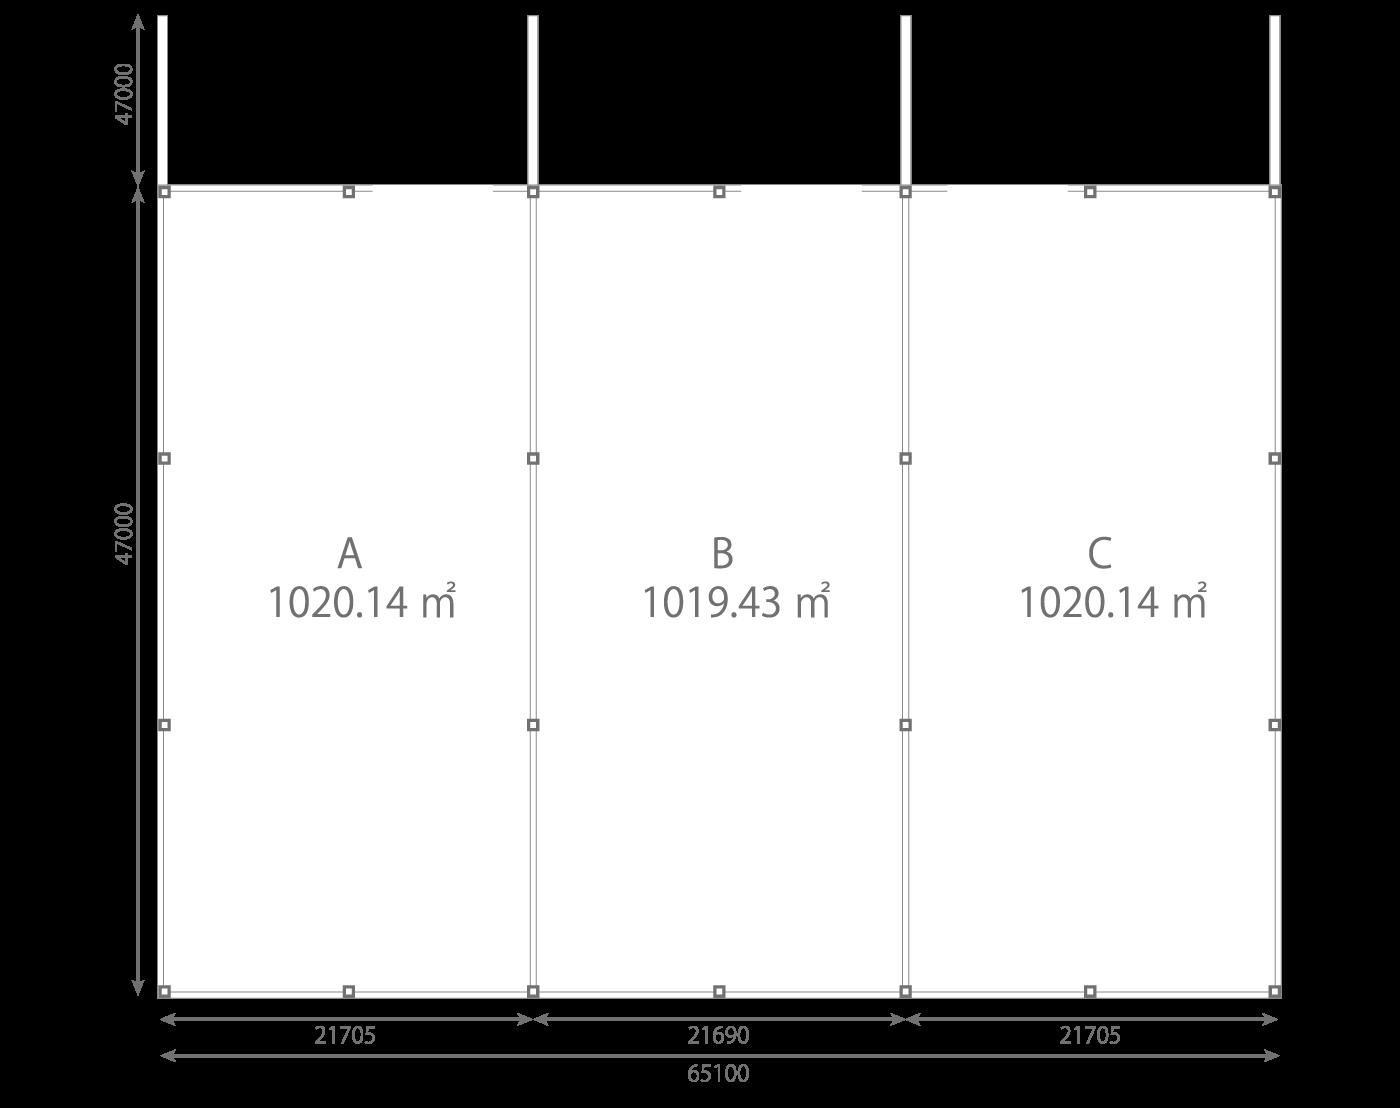 第二物流センター図面